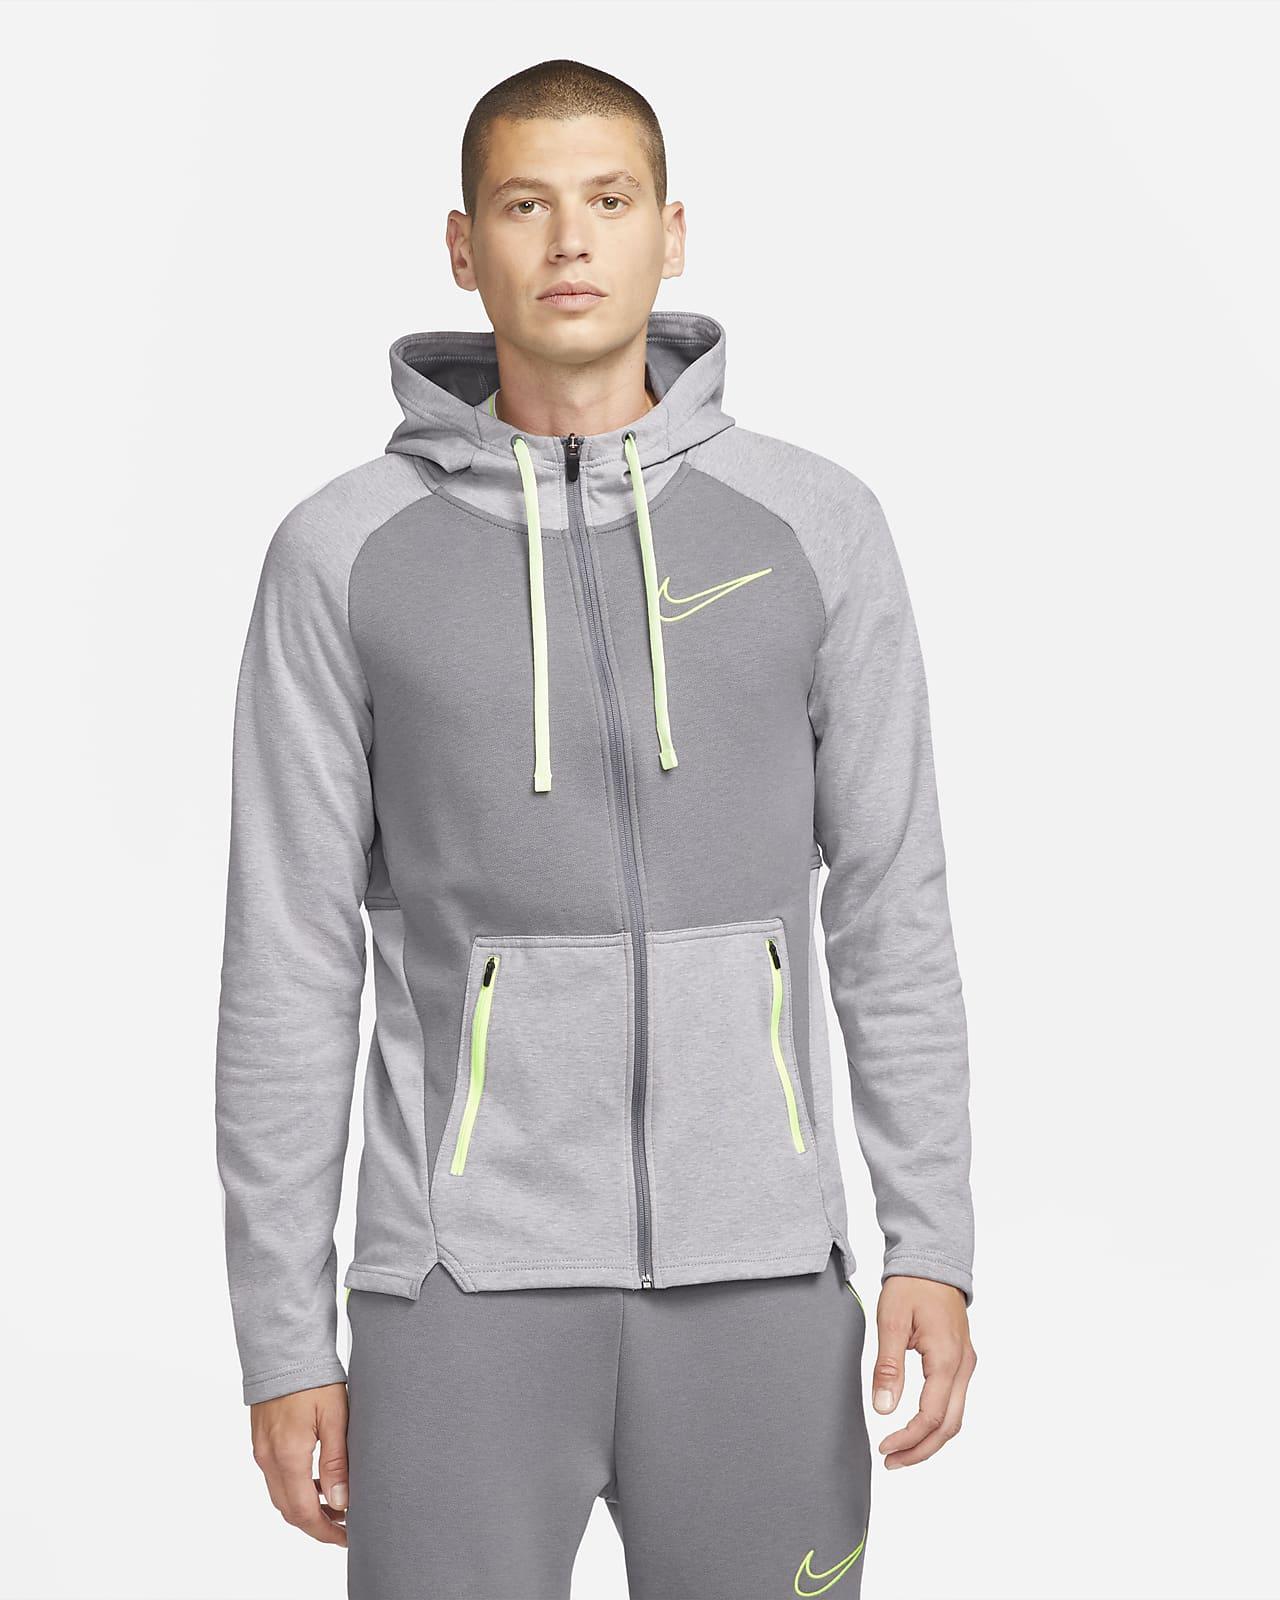 Nike Therma-FIT Men's Full-Zip Training Hoodie